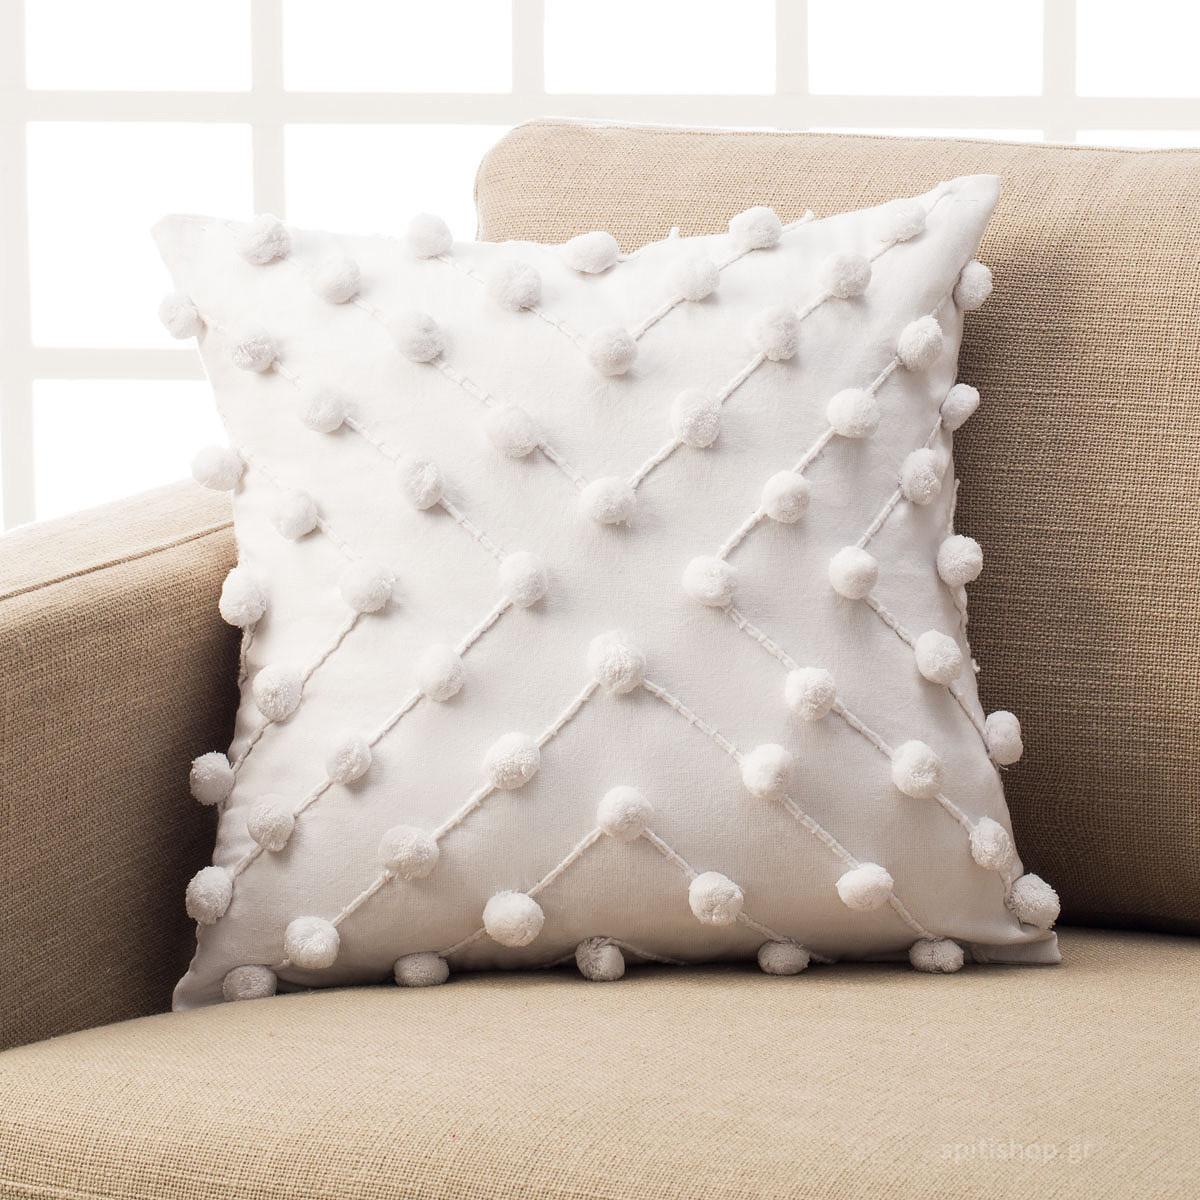 Διακοσμητική Μαξιλαροθήκη (43×43) Gofis Home Arty White 187/16